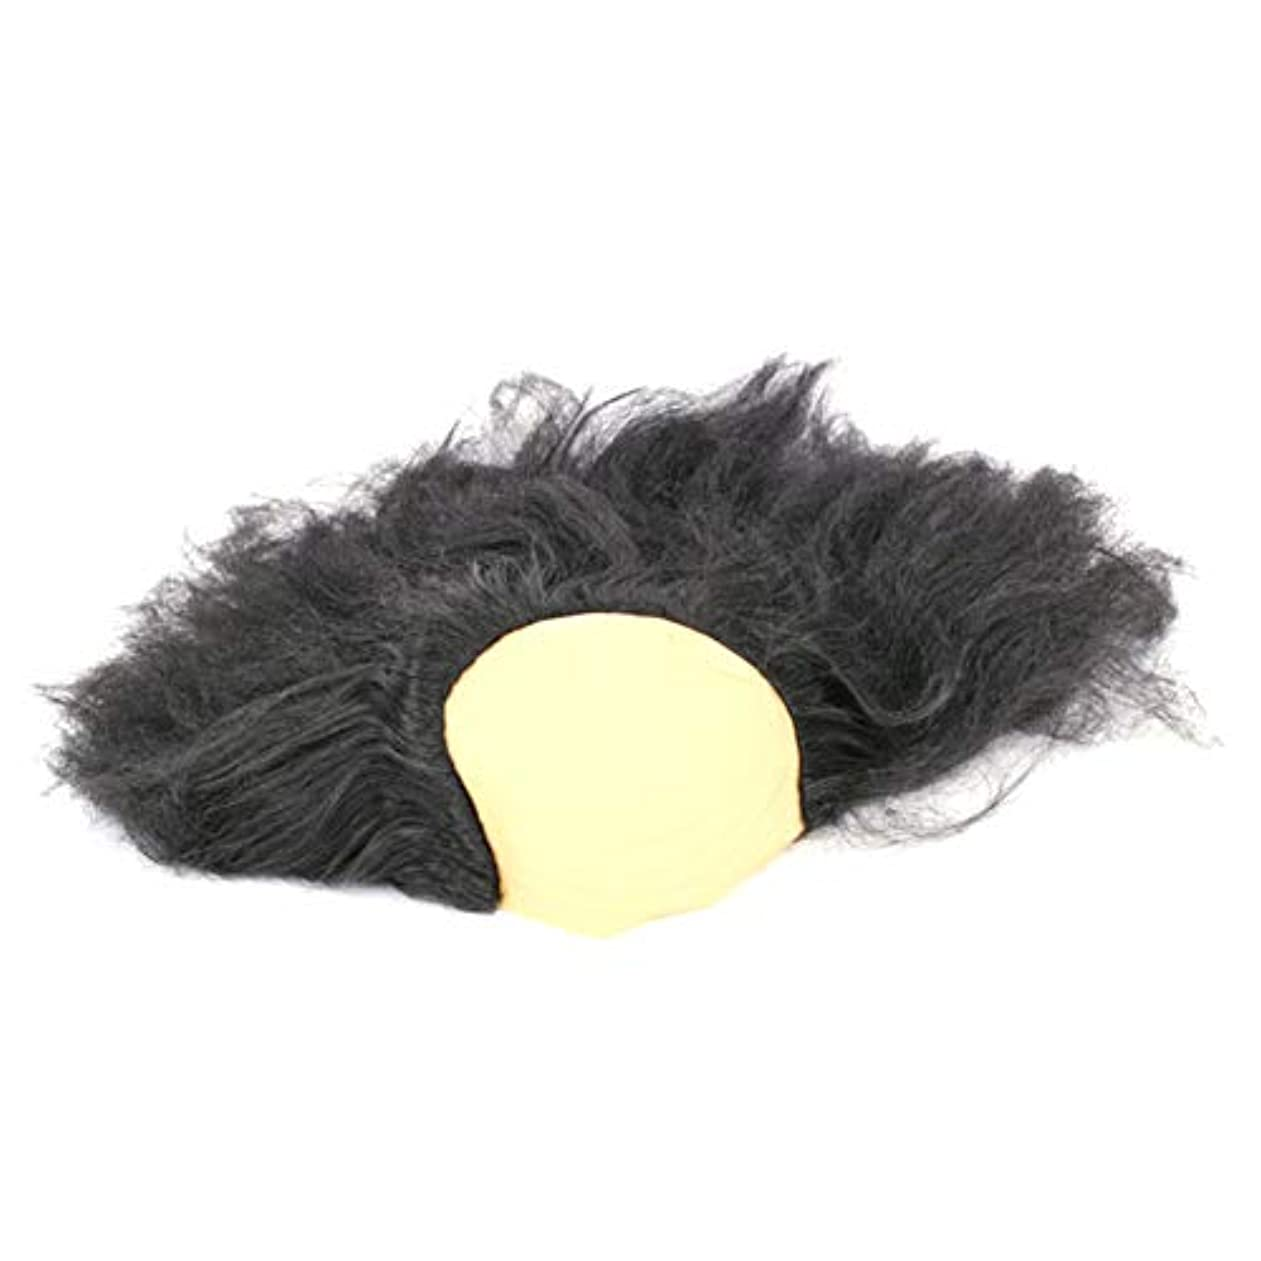 毛布愚か手荷物安全なハロウィーンの楽しみヘッド盖??沃??肥沃な男性と女性のかつら仮装パーティー用品、古い創造ハロウィンコスチュームジュエリー1つの黒